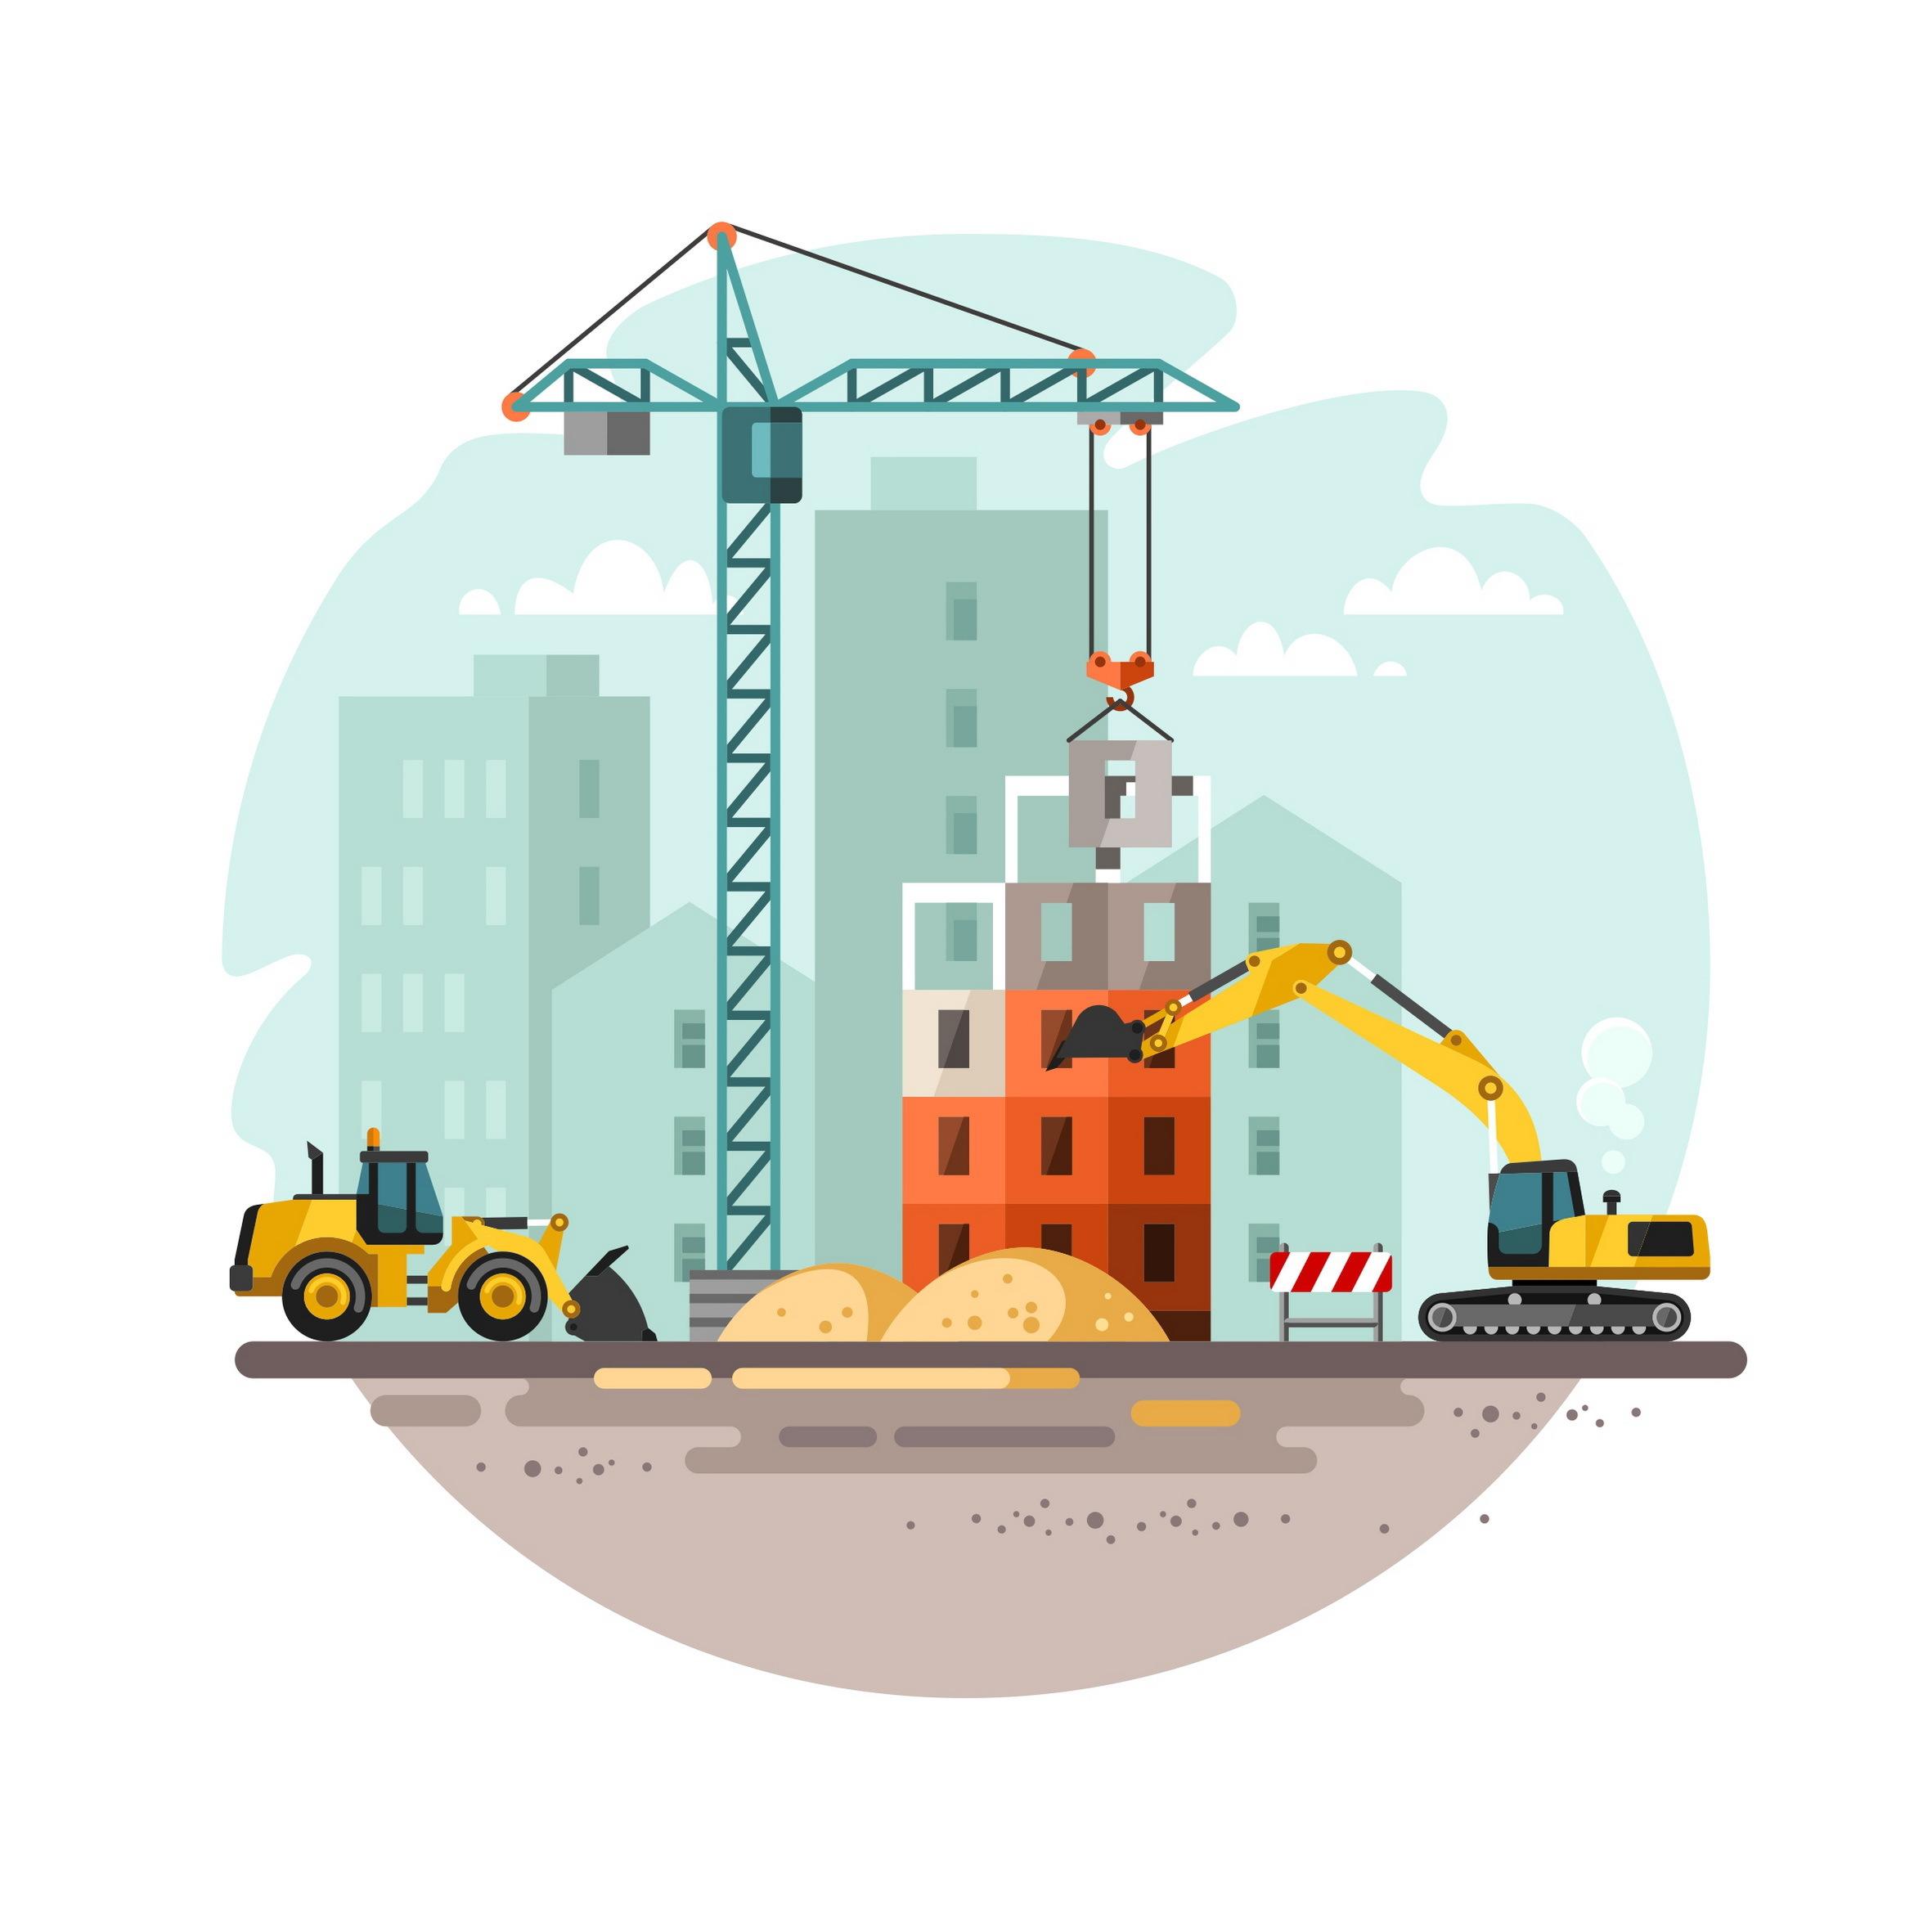 Τα λογιστικά και τα τεκμαρτά κέρδη των οικοδομικών επιχειρήσεων και η φορολόγησή τους